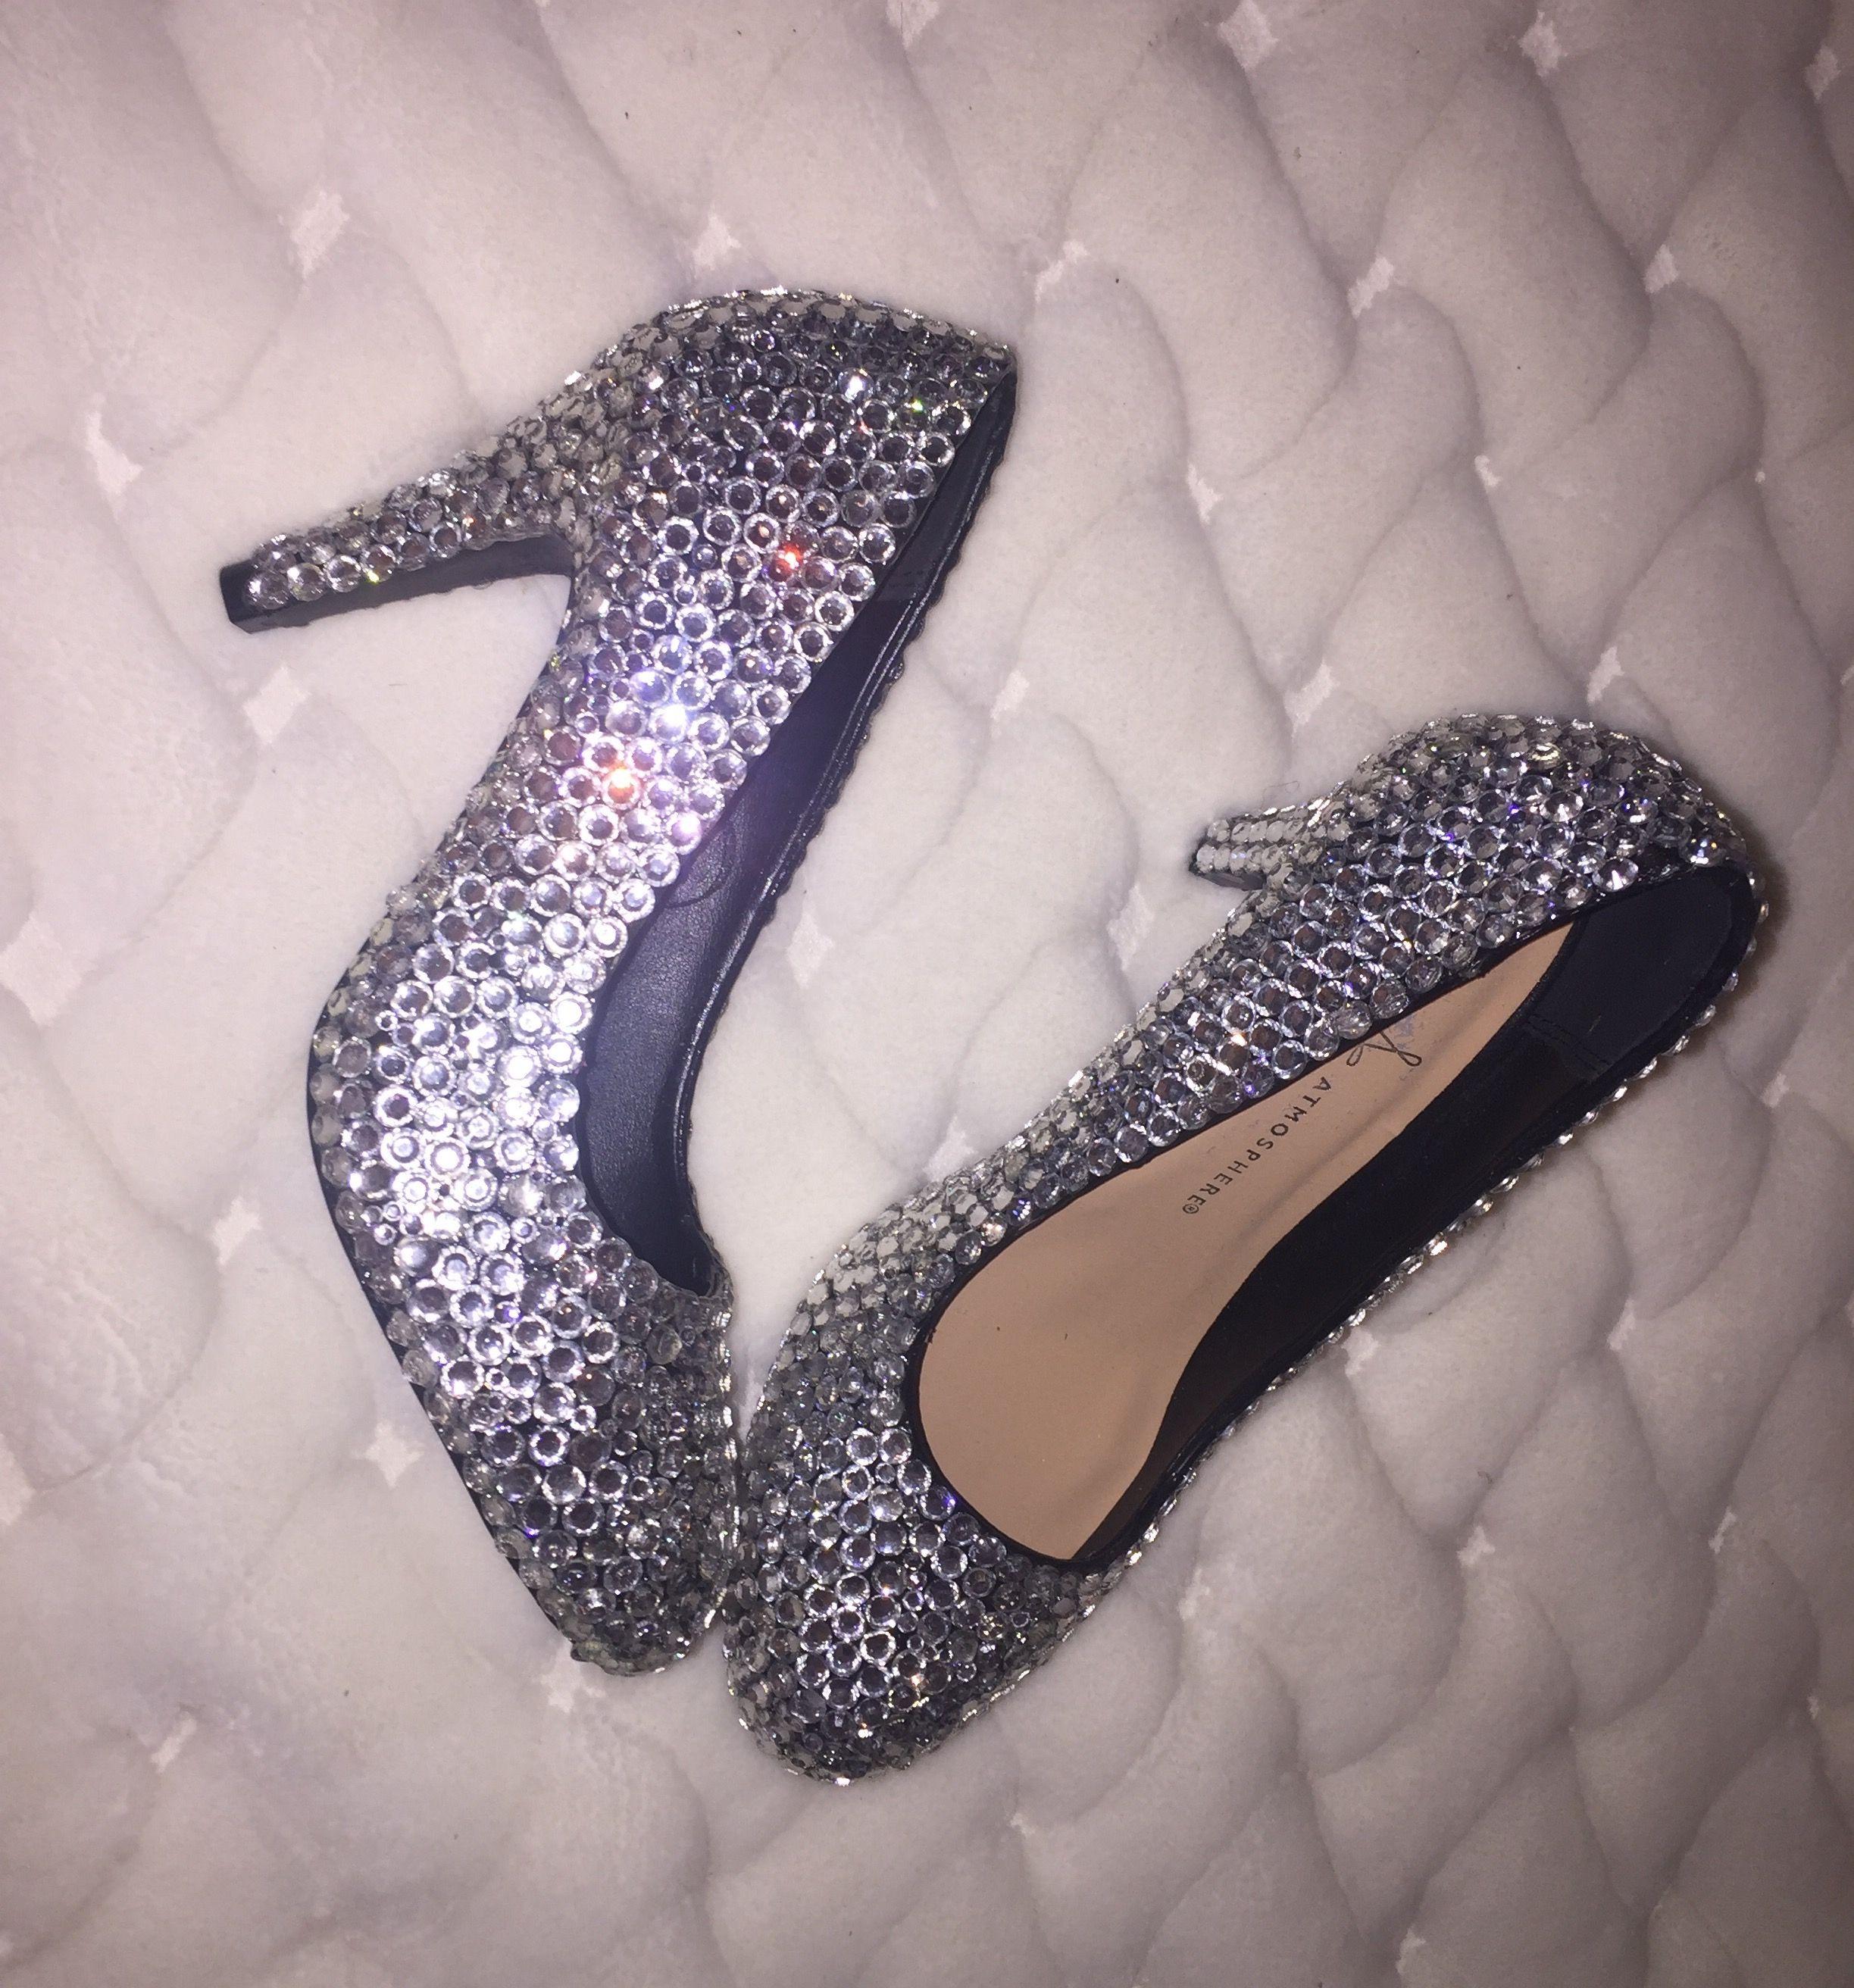 #CustomShoes #CustomHeels